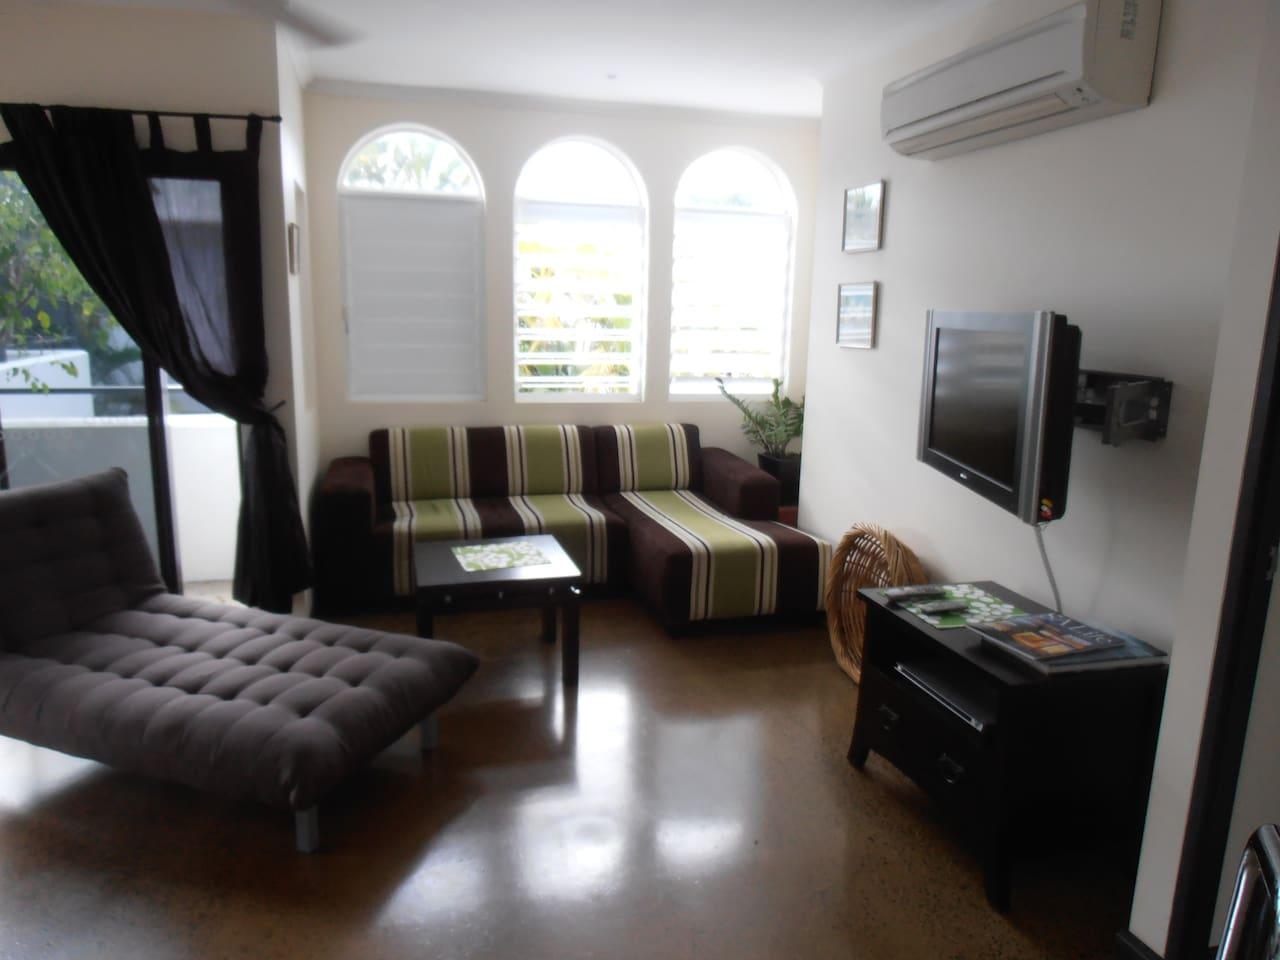 lounge T V room